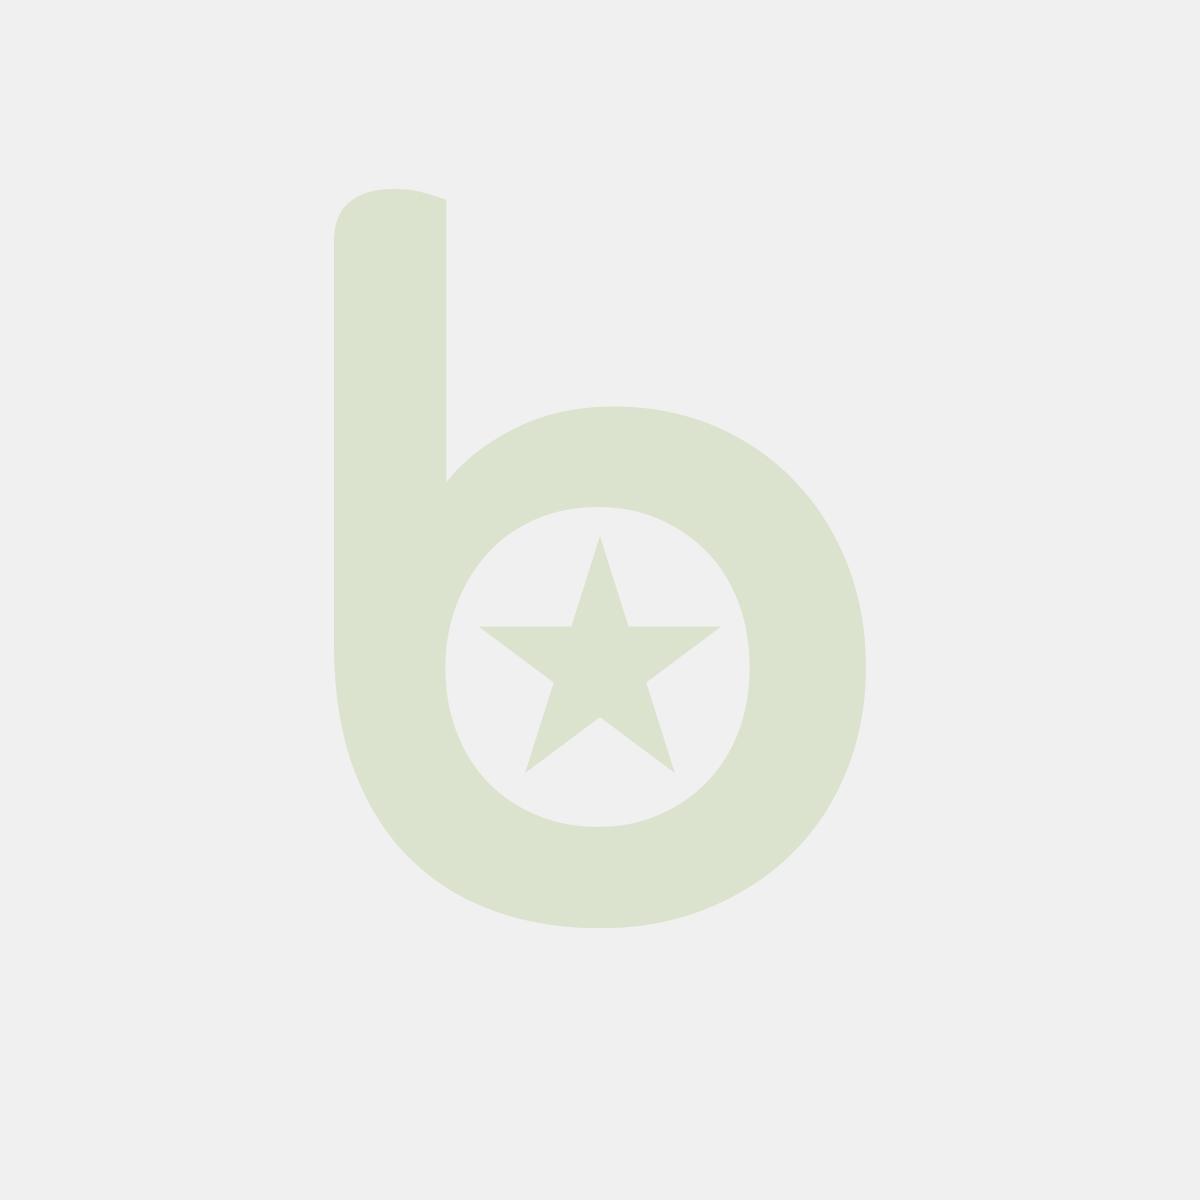 Bloczek samoprzylepny DONAU, 38x51mm, 1x100 kart., jasnożółty